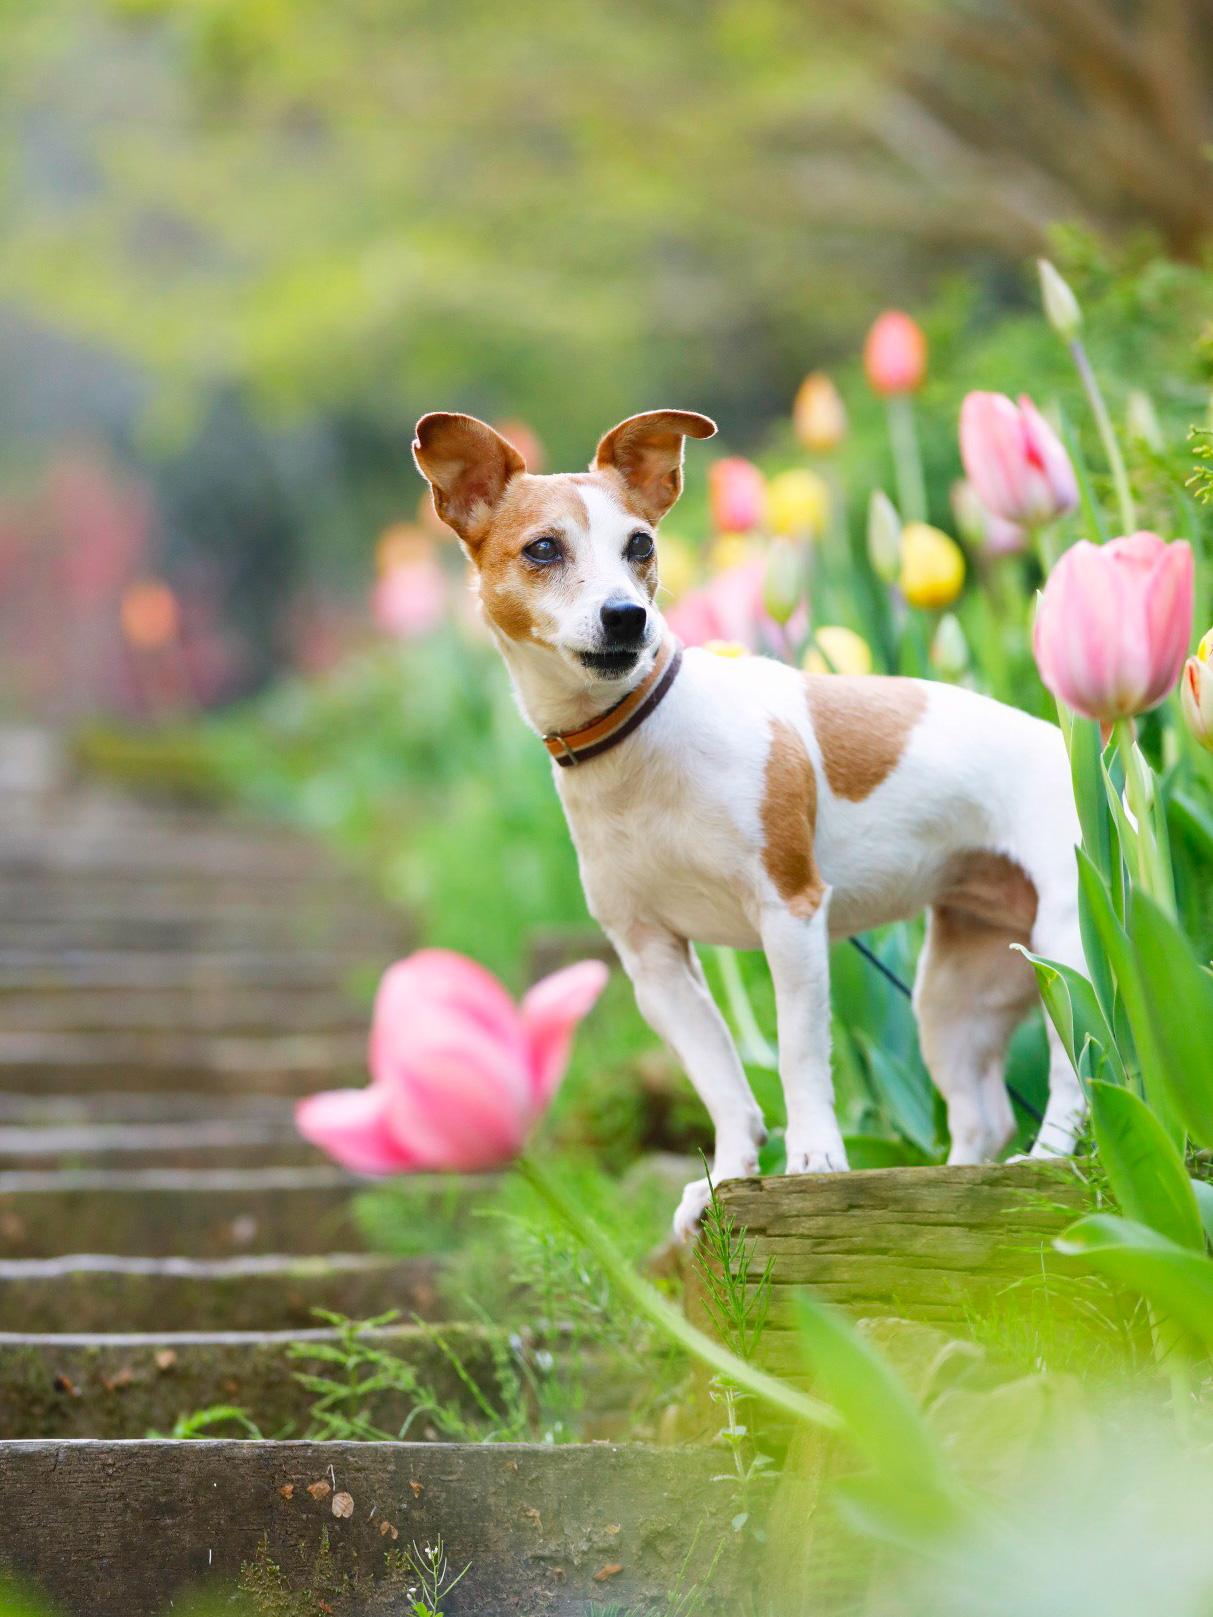 犬と暮らすためには、年間いくらかかるか知っていますか?【年間費用平均】